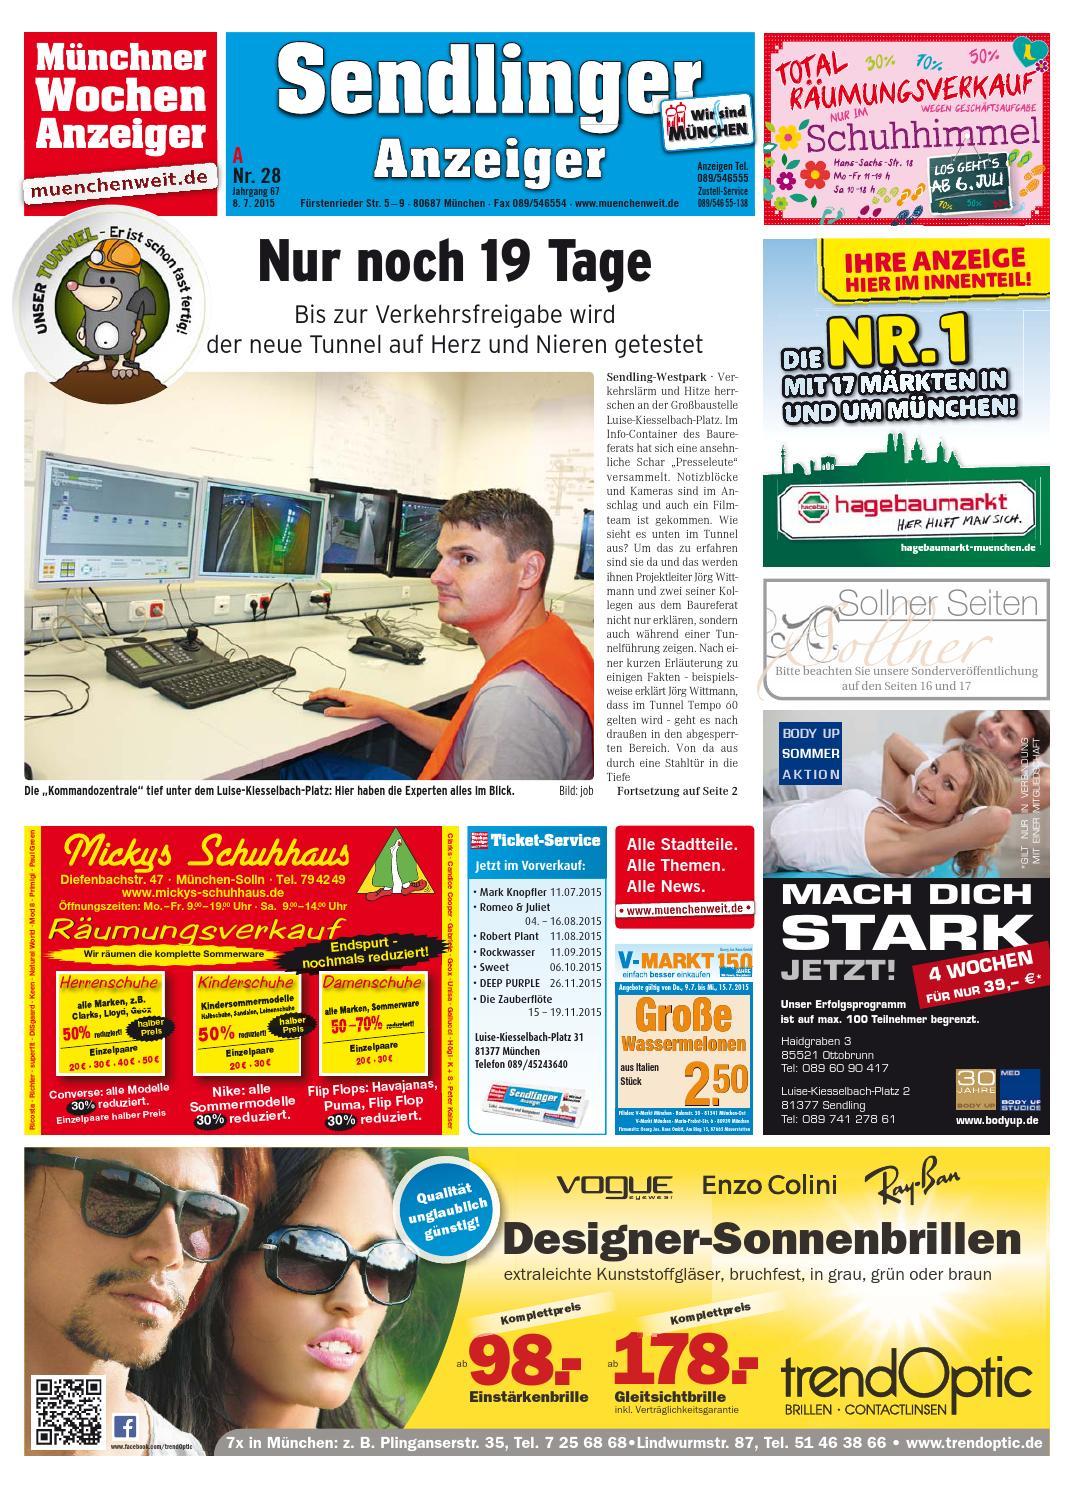 KW 28 2015 by Wochenanzeiger Medien GmbH issuu